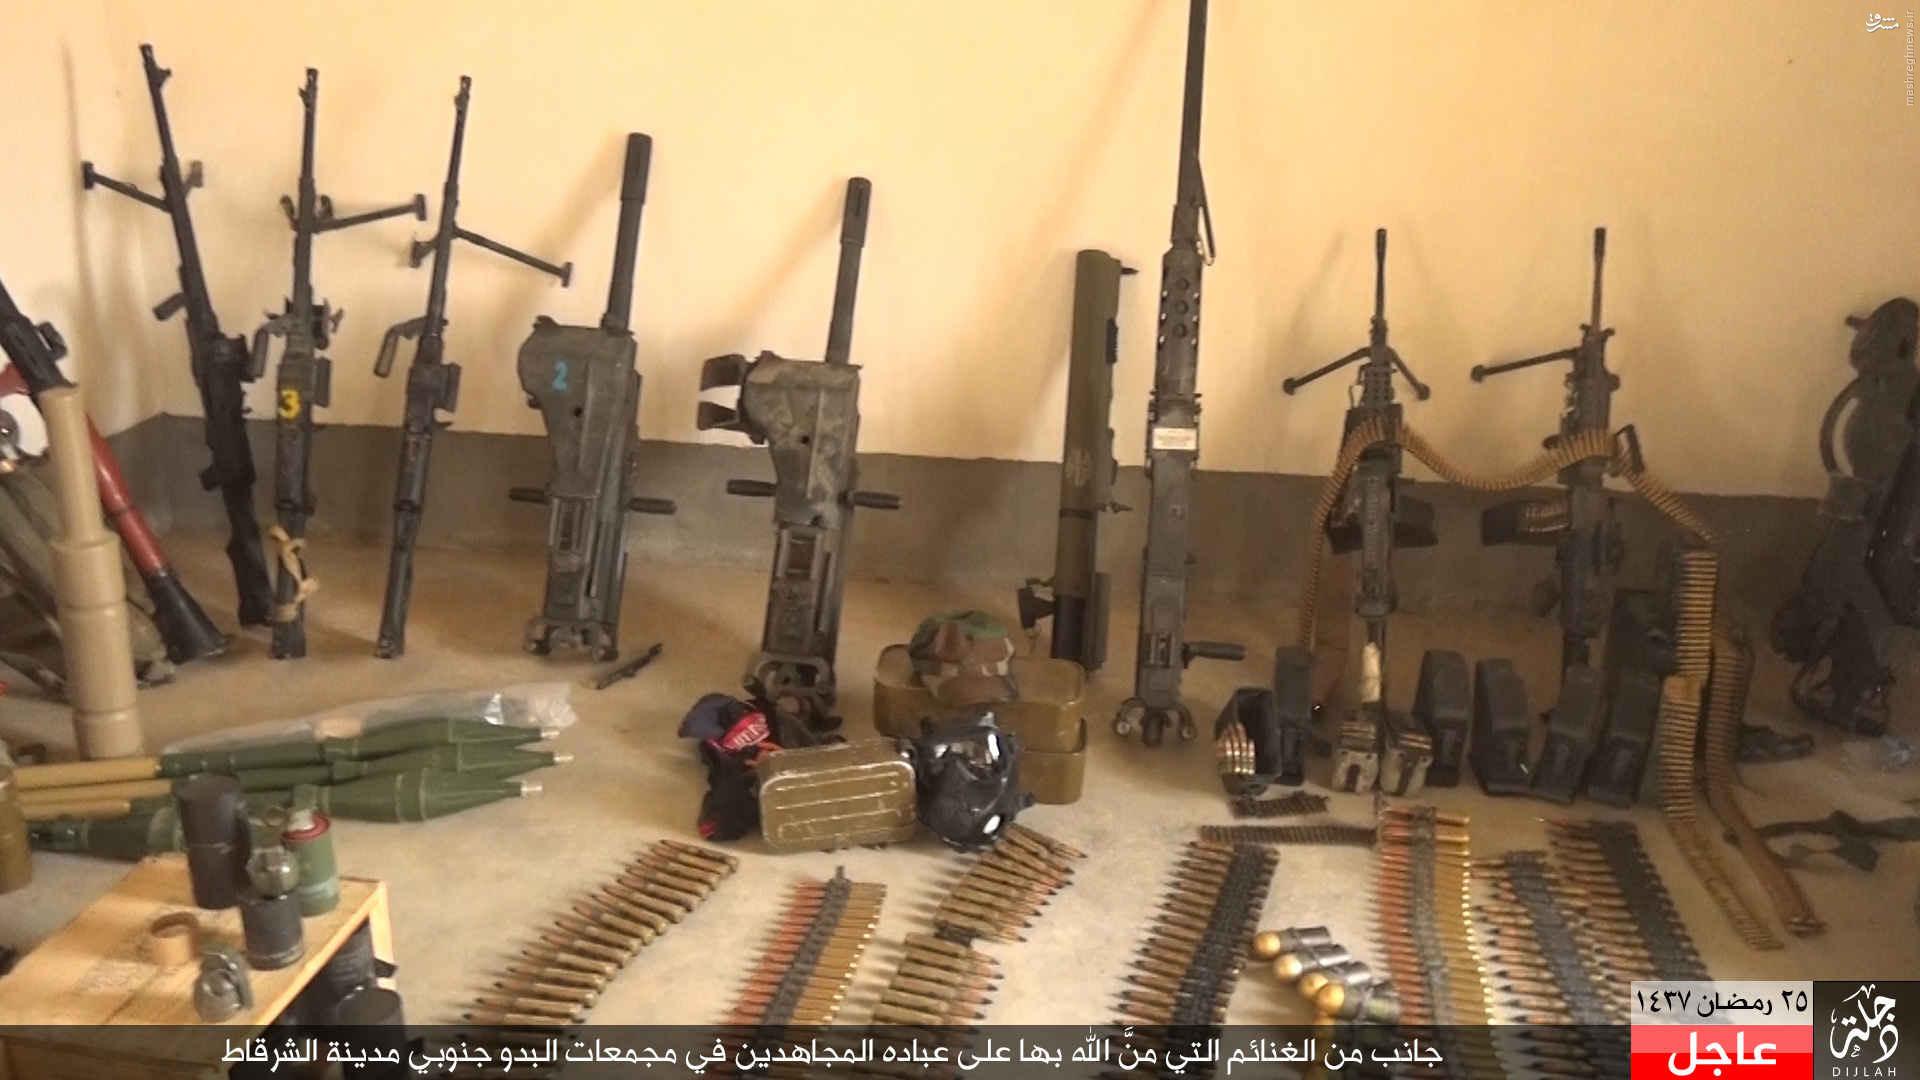 پاتک داعش علیه ارتش عراق در جنوب موصل+عکس